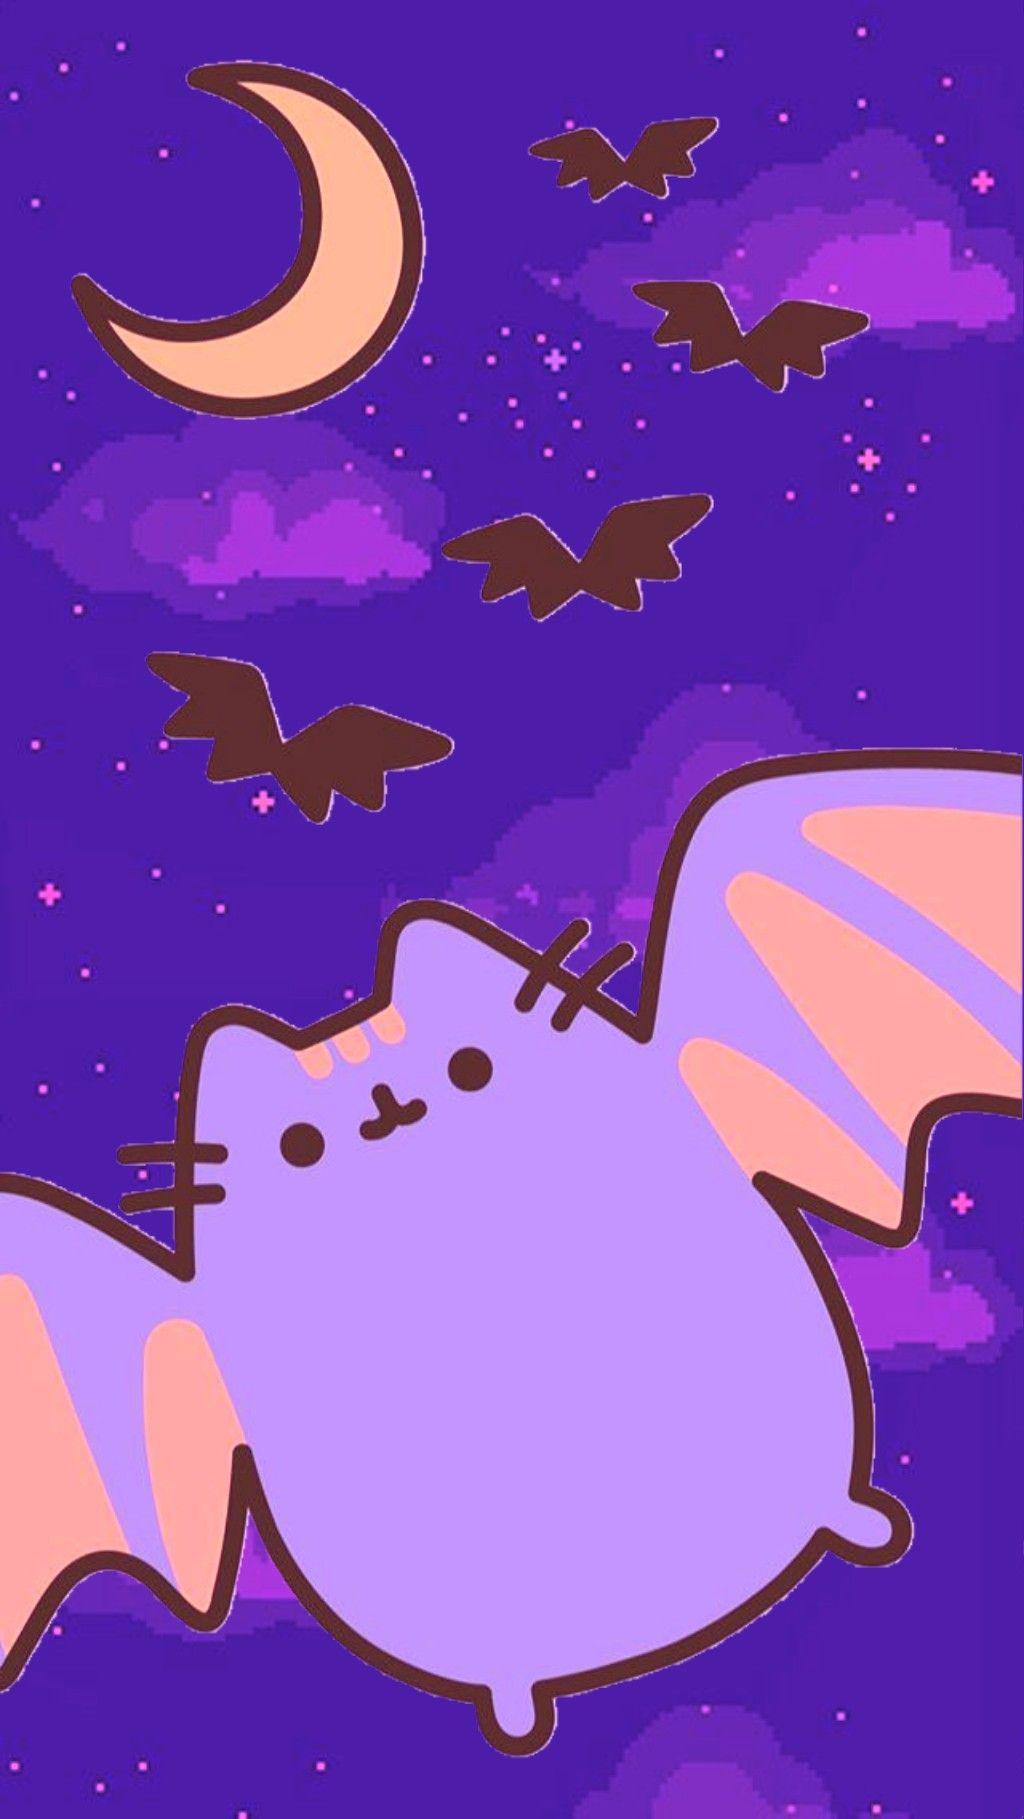 Pusheen Halloween Edit Pusheen Cute Pusheen Cat Funny Wallpaper